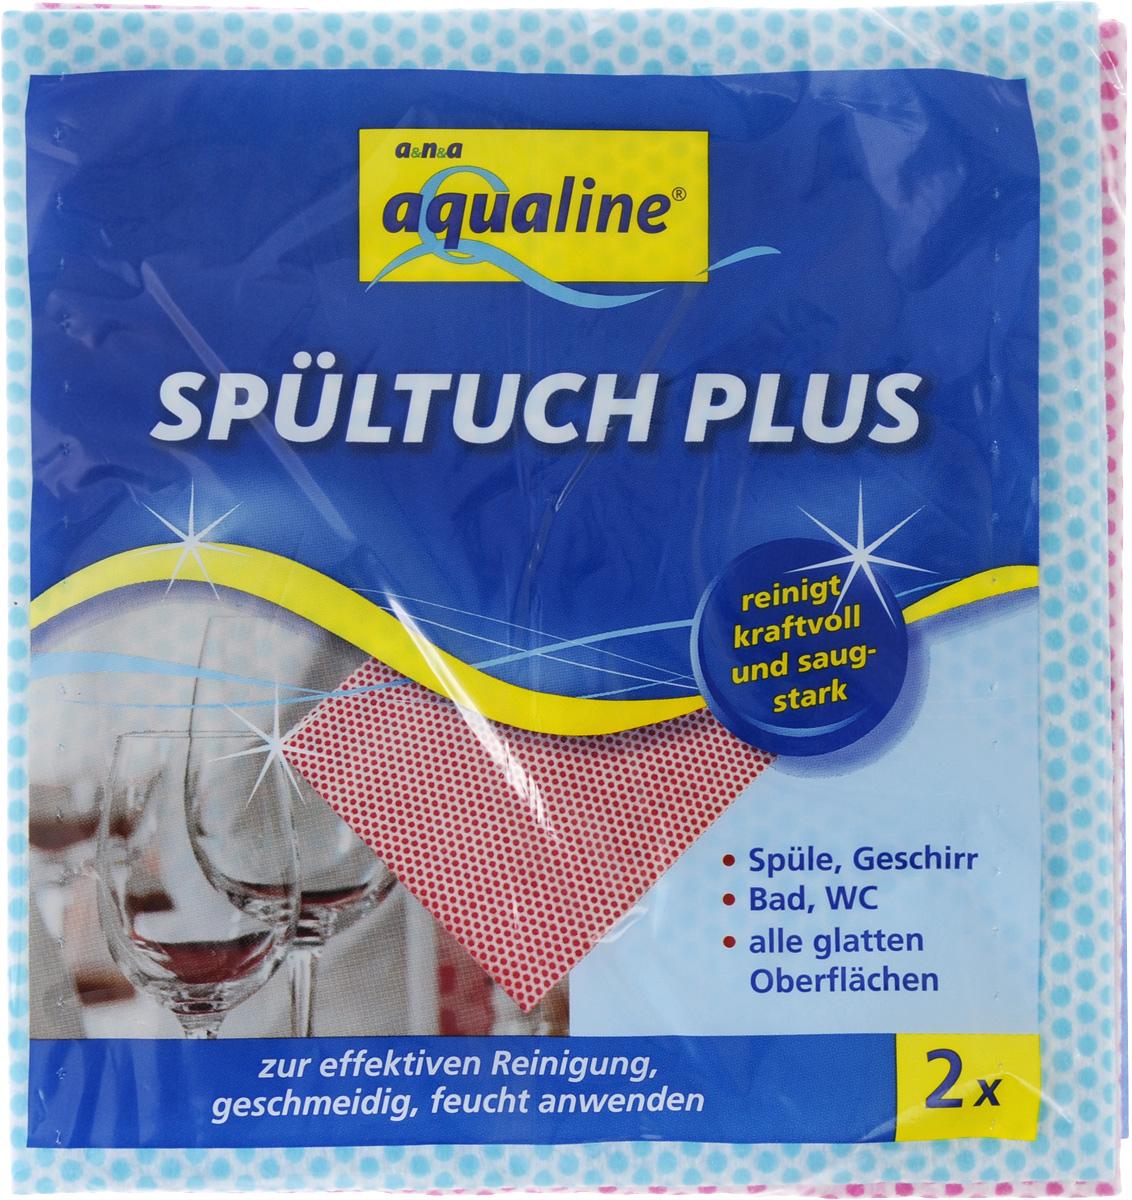 Салфетка Aqualine Plus для посуды и домашнего хозяйства, цвет: голубой, малиновый, 35 х 38 см, 2 шт2058_голубой,малиновыйМягкая салфетка Aqualine Plus обладает высокими чистящими свойствами за счет специальных точек, которые находятся на поверхности ткани. Она прекрасно подходит как для мытья посуды, так и для уборки поверхностей на кухне и в ванной комнате. Благодаря рифленой структуре, салфетка удаляет даже самые сильные загрязнения, хорошо впитывая жидкость, не оставляя ворсинок.Состав: 82% вискоза, 18% полипропилен.